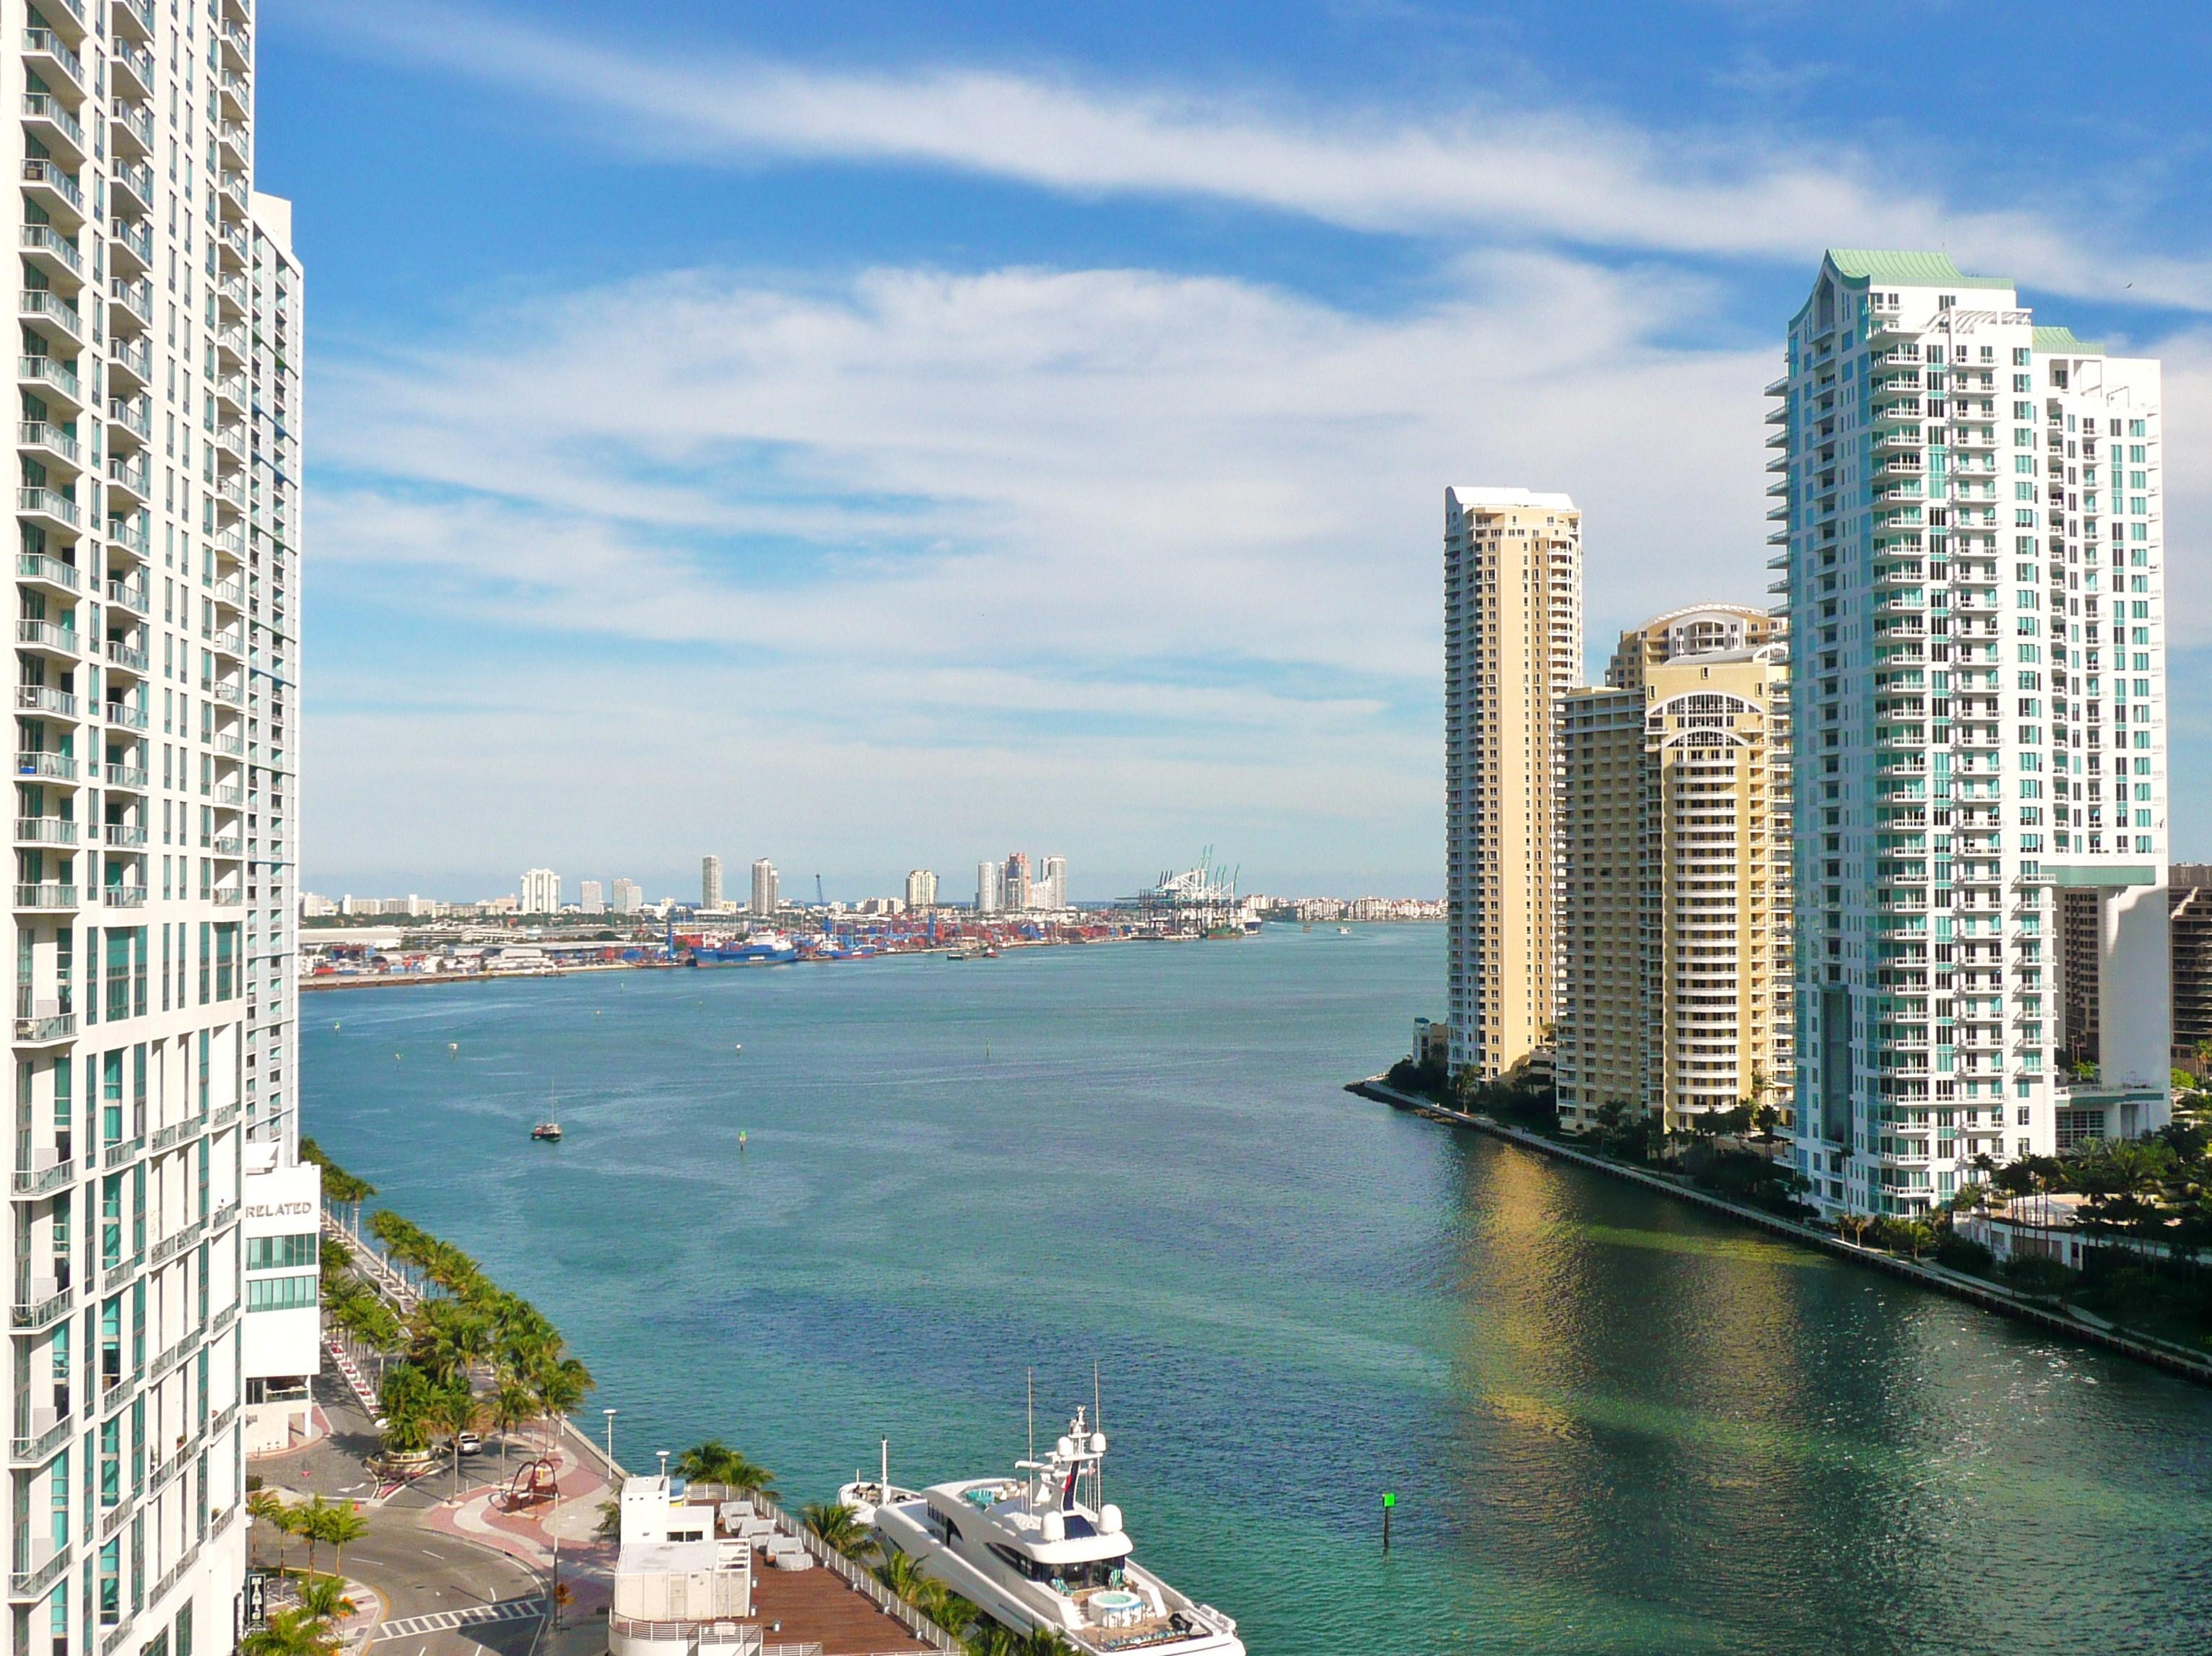 Miami Hd Background